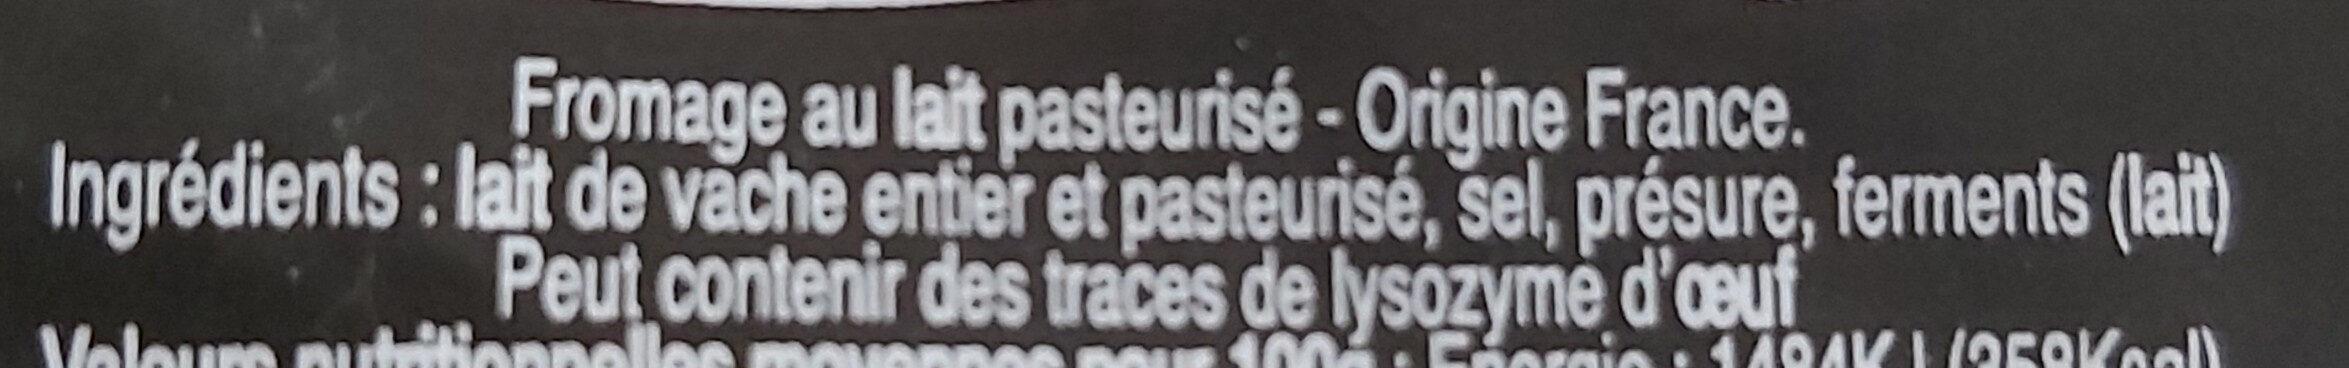 Tommette du châtelard - Ingrédients - fr